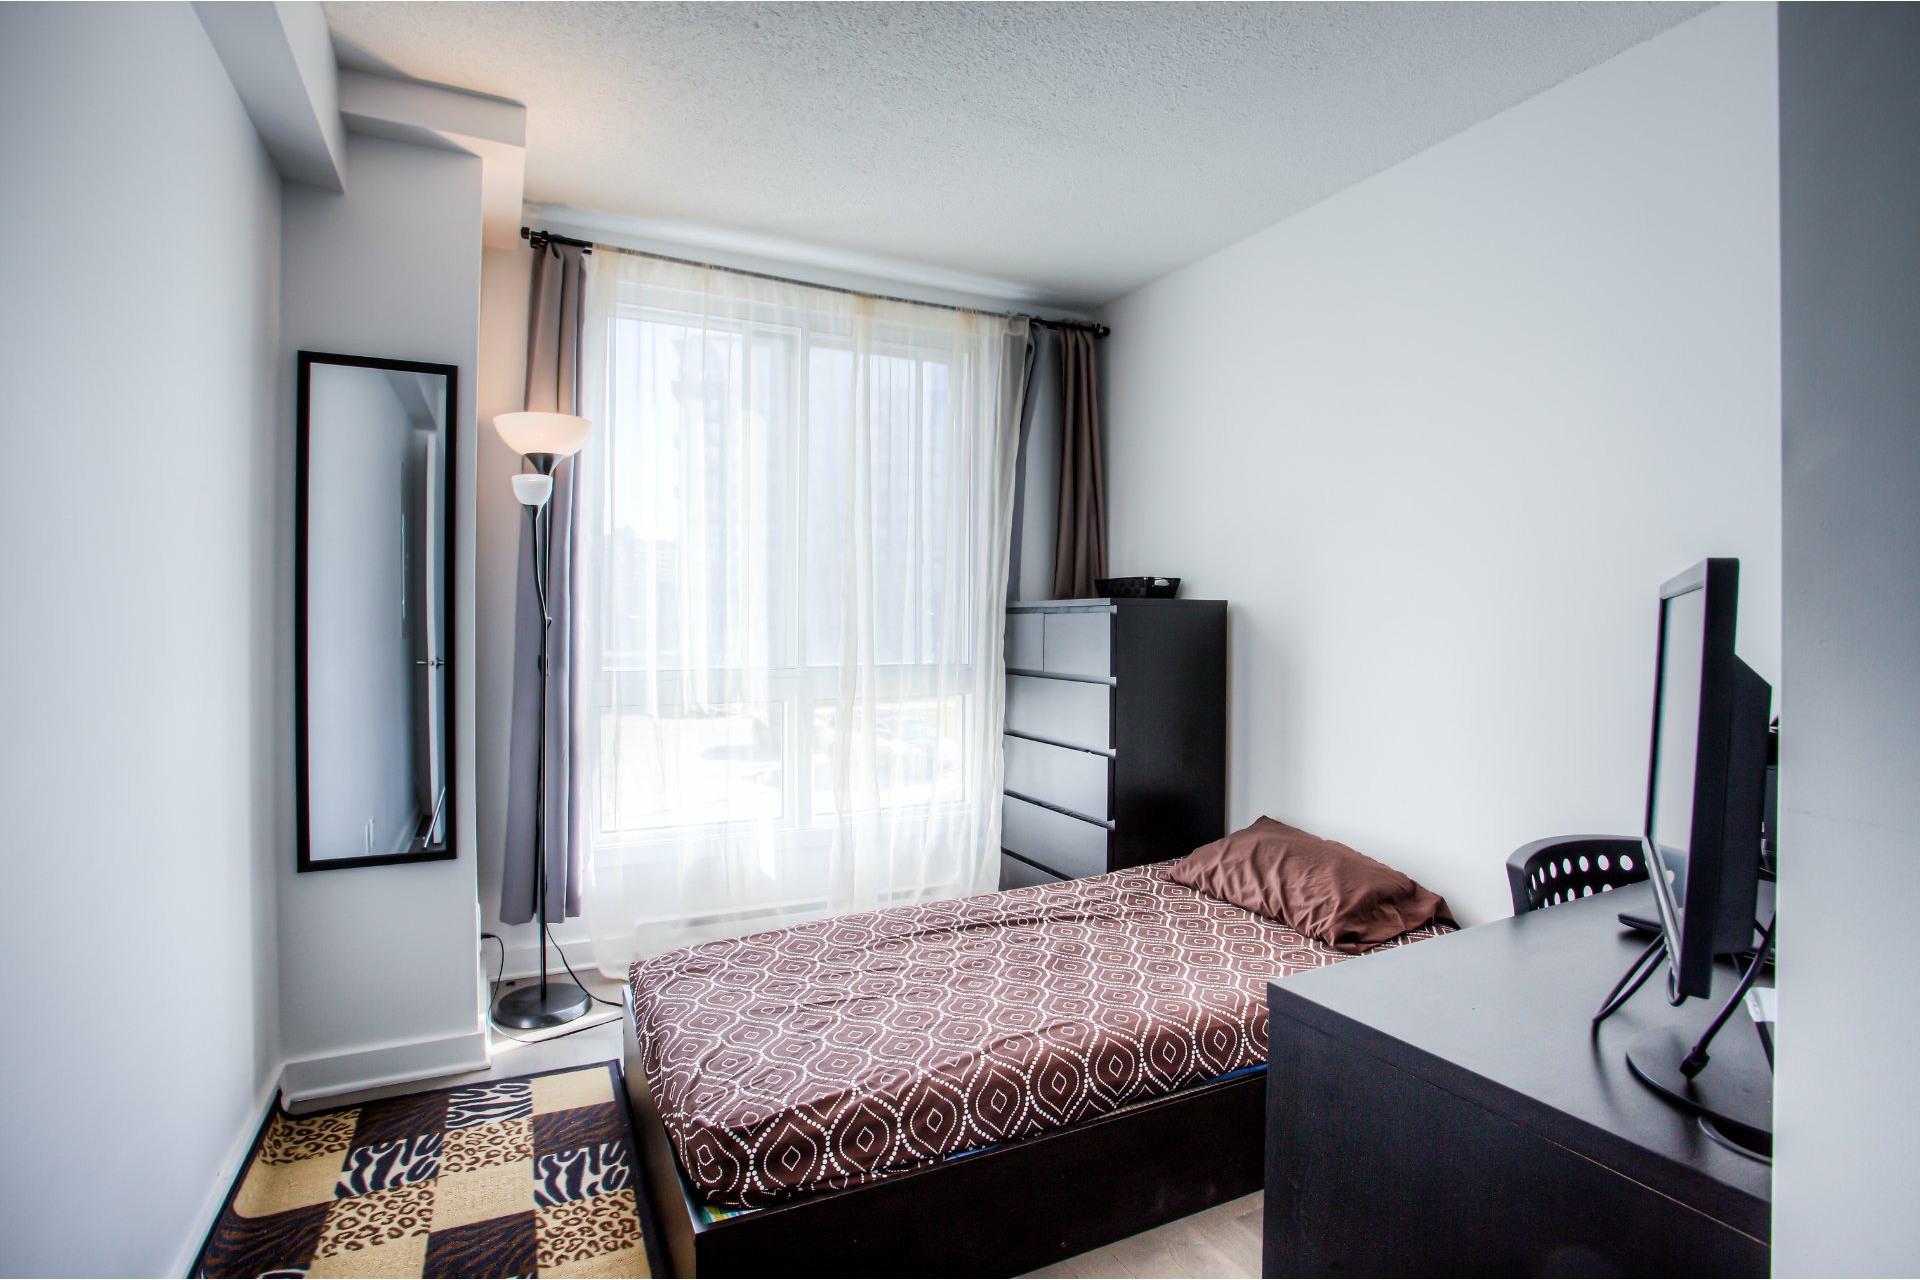 image 19 - Apartment For sale Ahuntsic-Cartierville Montréal  - 7 rooms